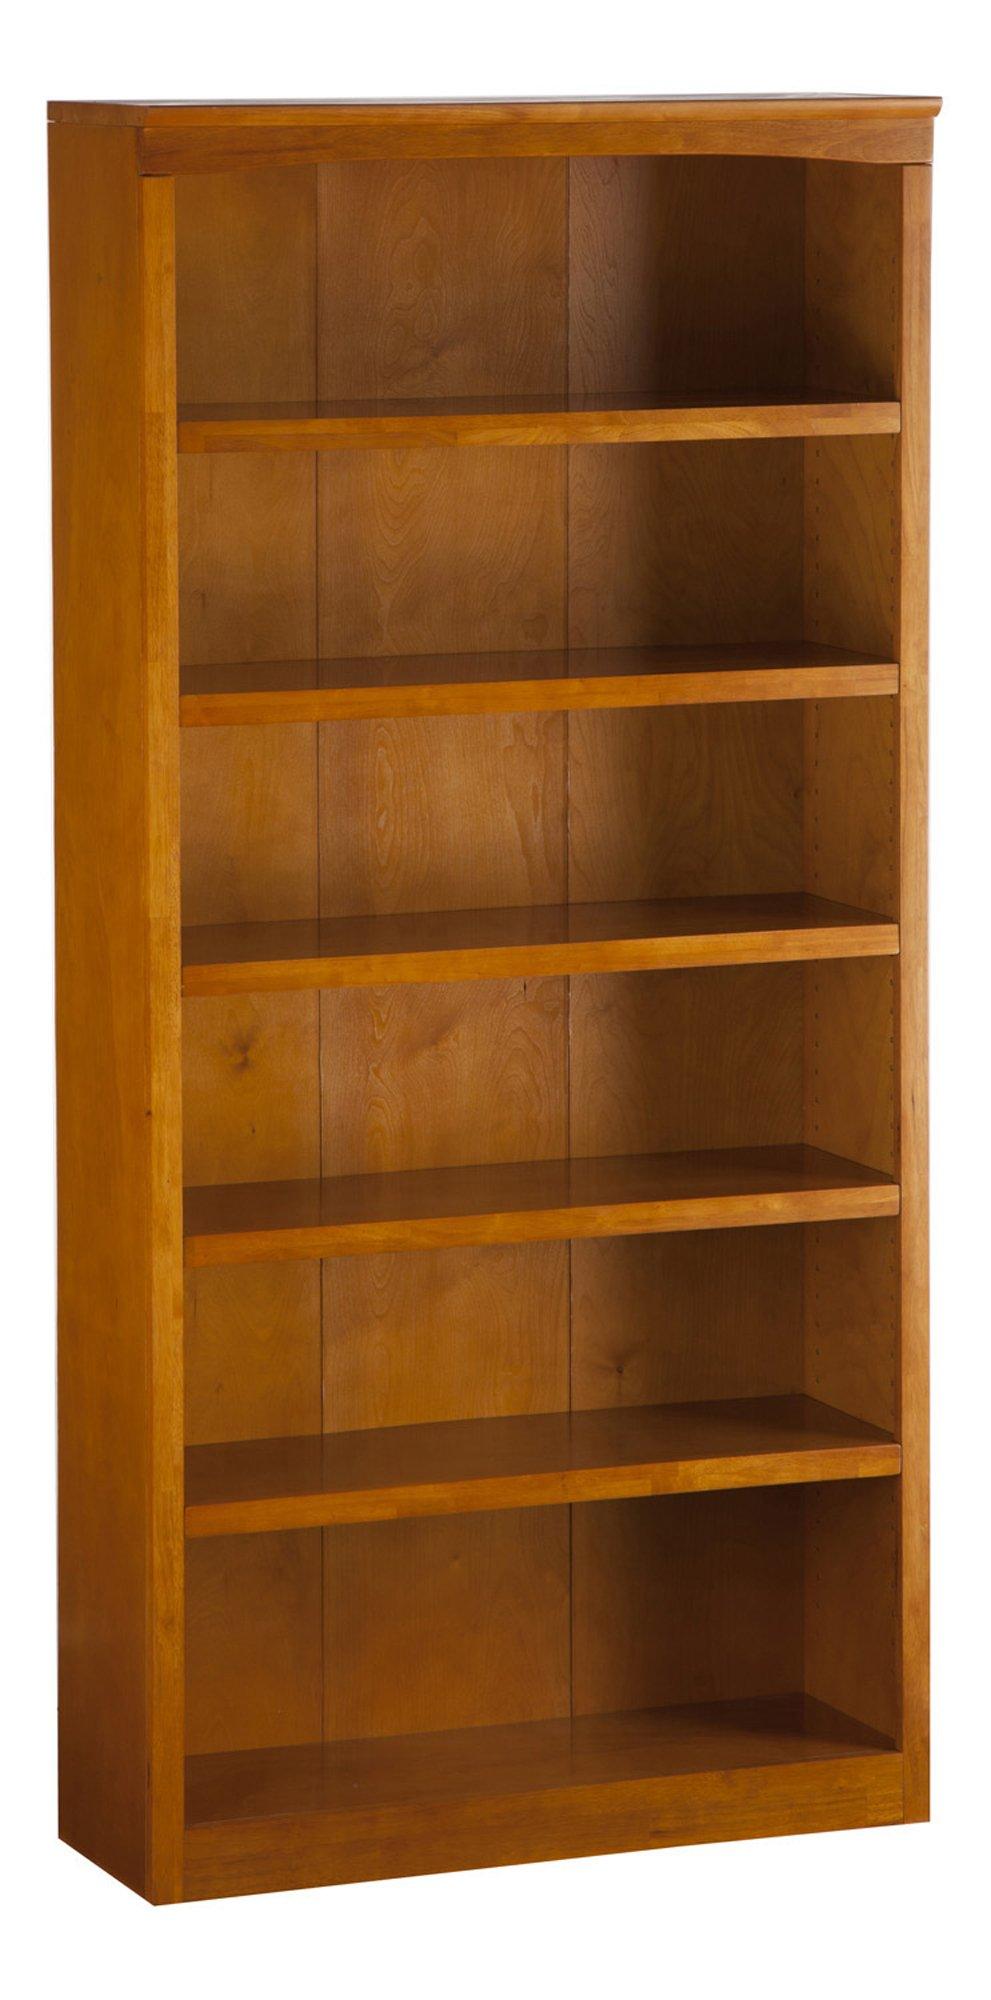 Atlantic Furniture Harvard Book Shelf, 72Inch, Caramel Latte